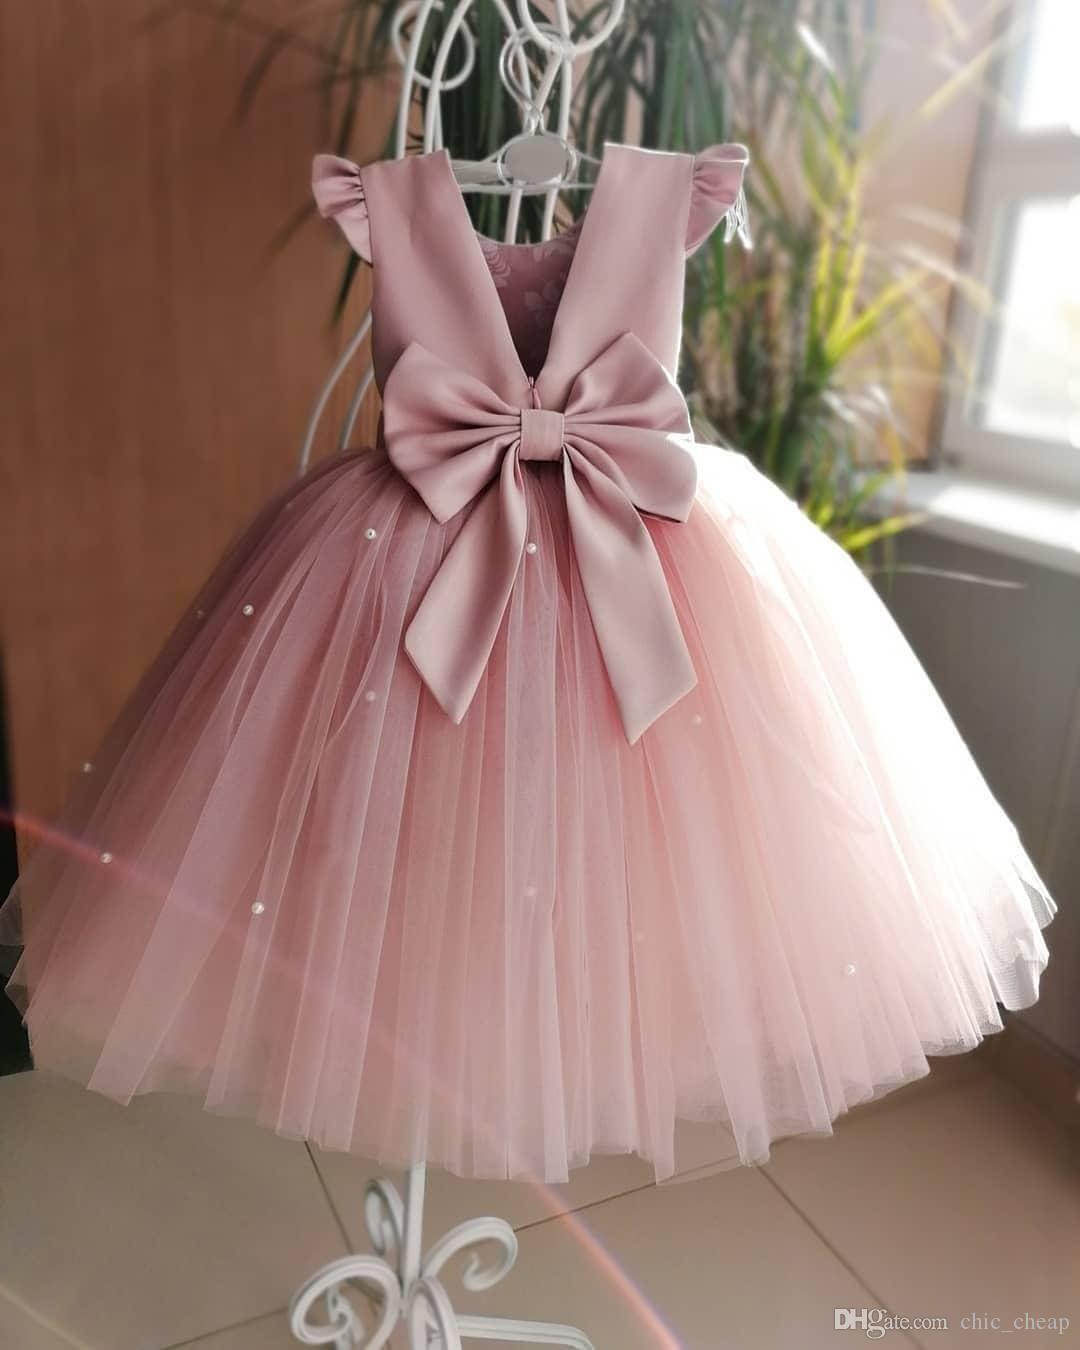 Compre Perlas De Color Rosa Sin Respaldo Vestidos De Niña De Flores Arco De Tul Vestido De Bola Niña Vestidos De Novia Vestidos Vintage Vestidos Vestidos F054 A 46 98 Del Chic Cheap